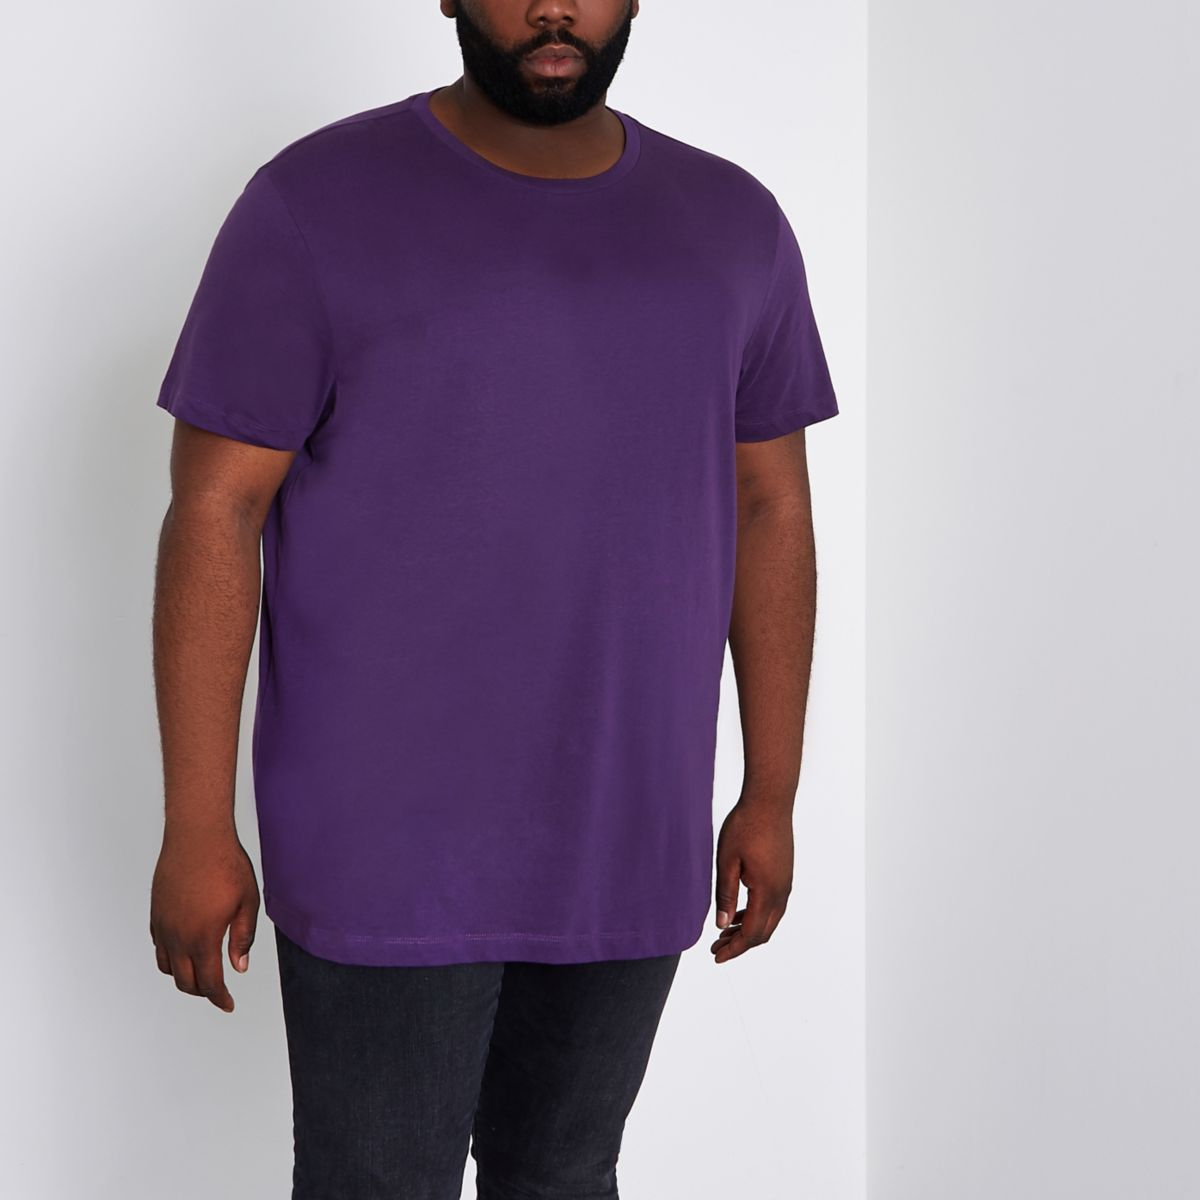 Big and Tall purple curved hem T-shirt